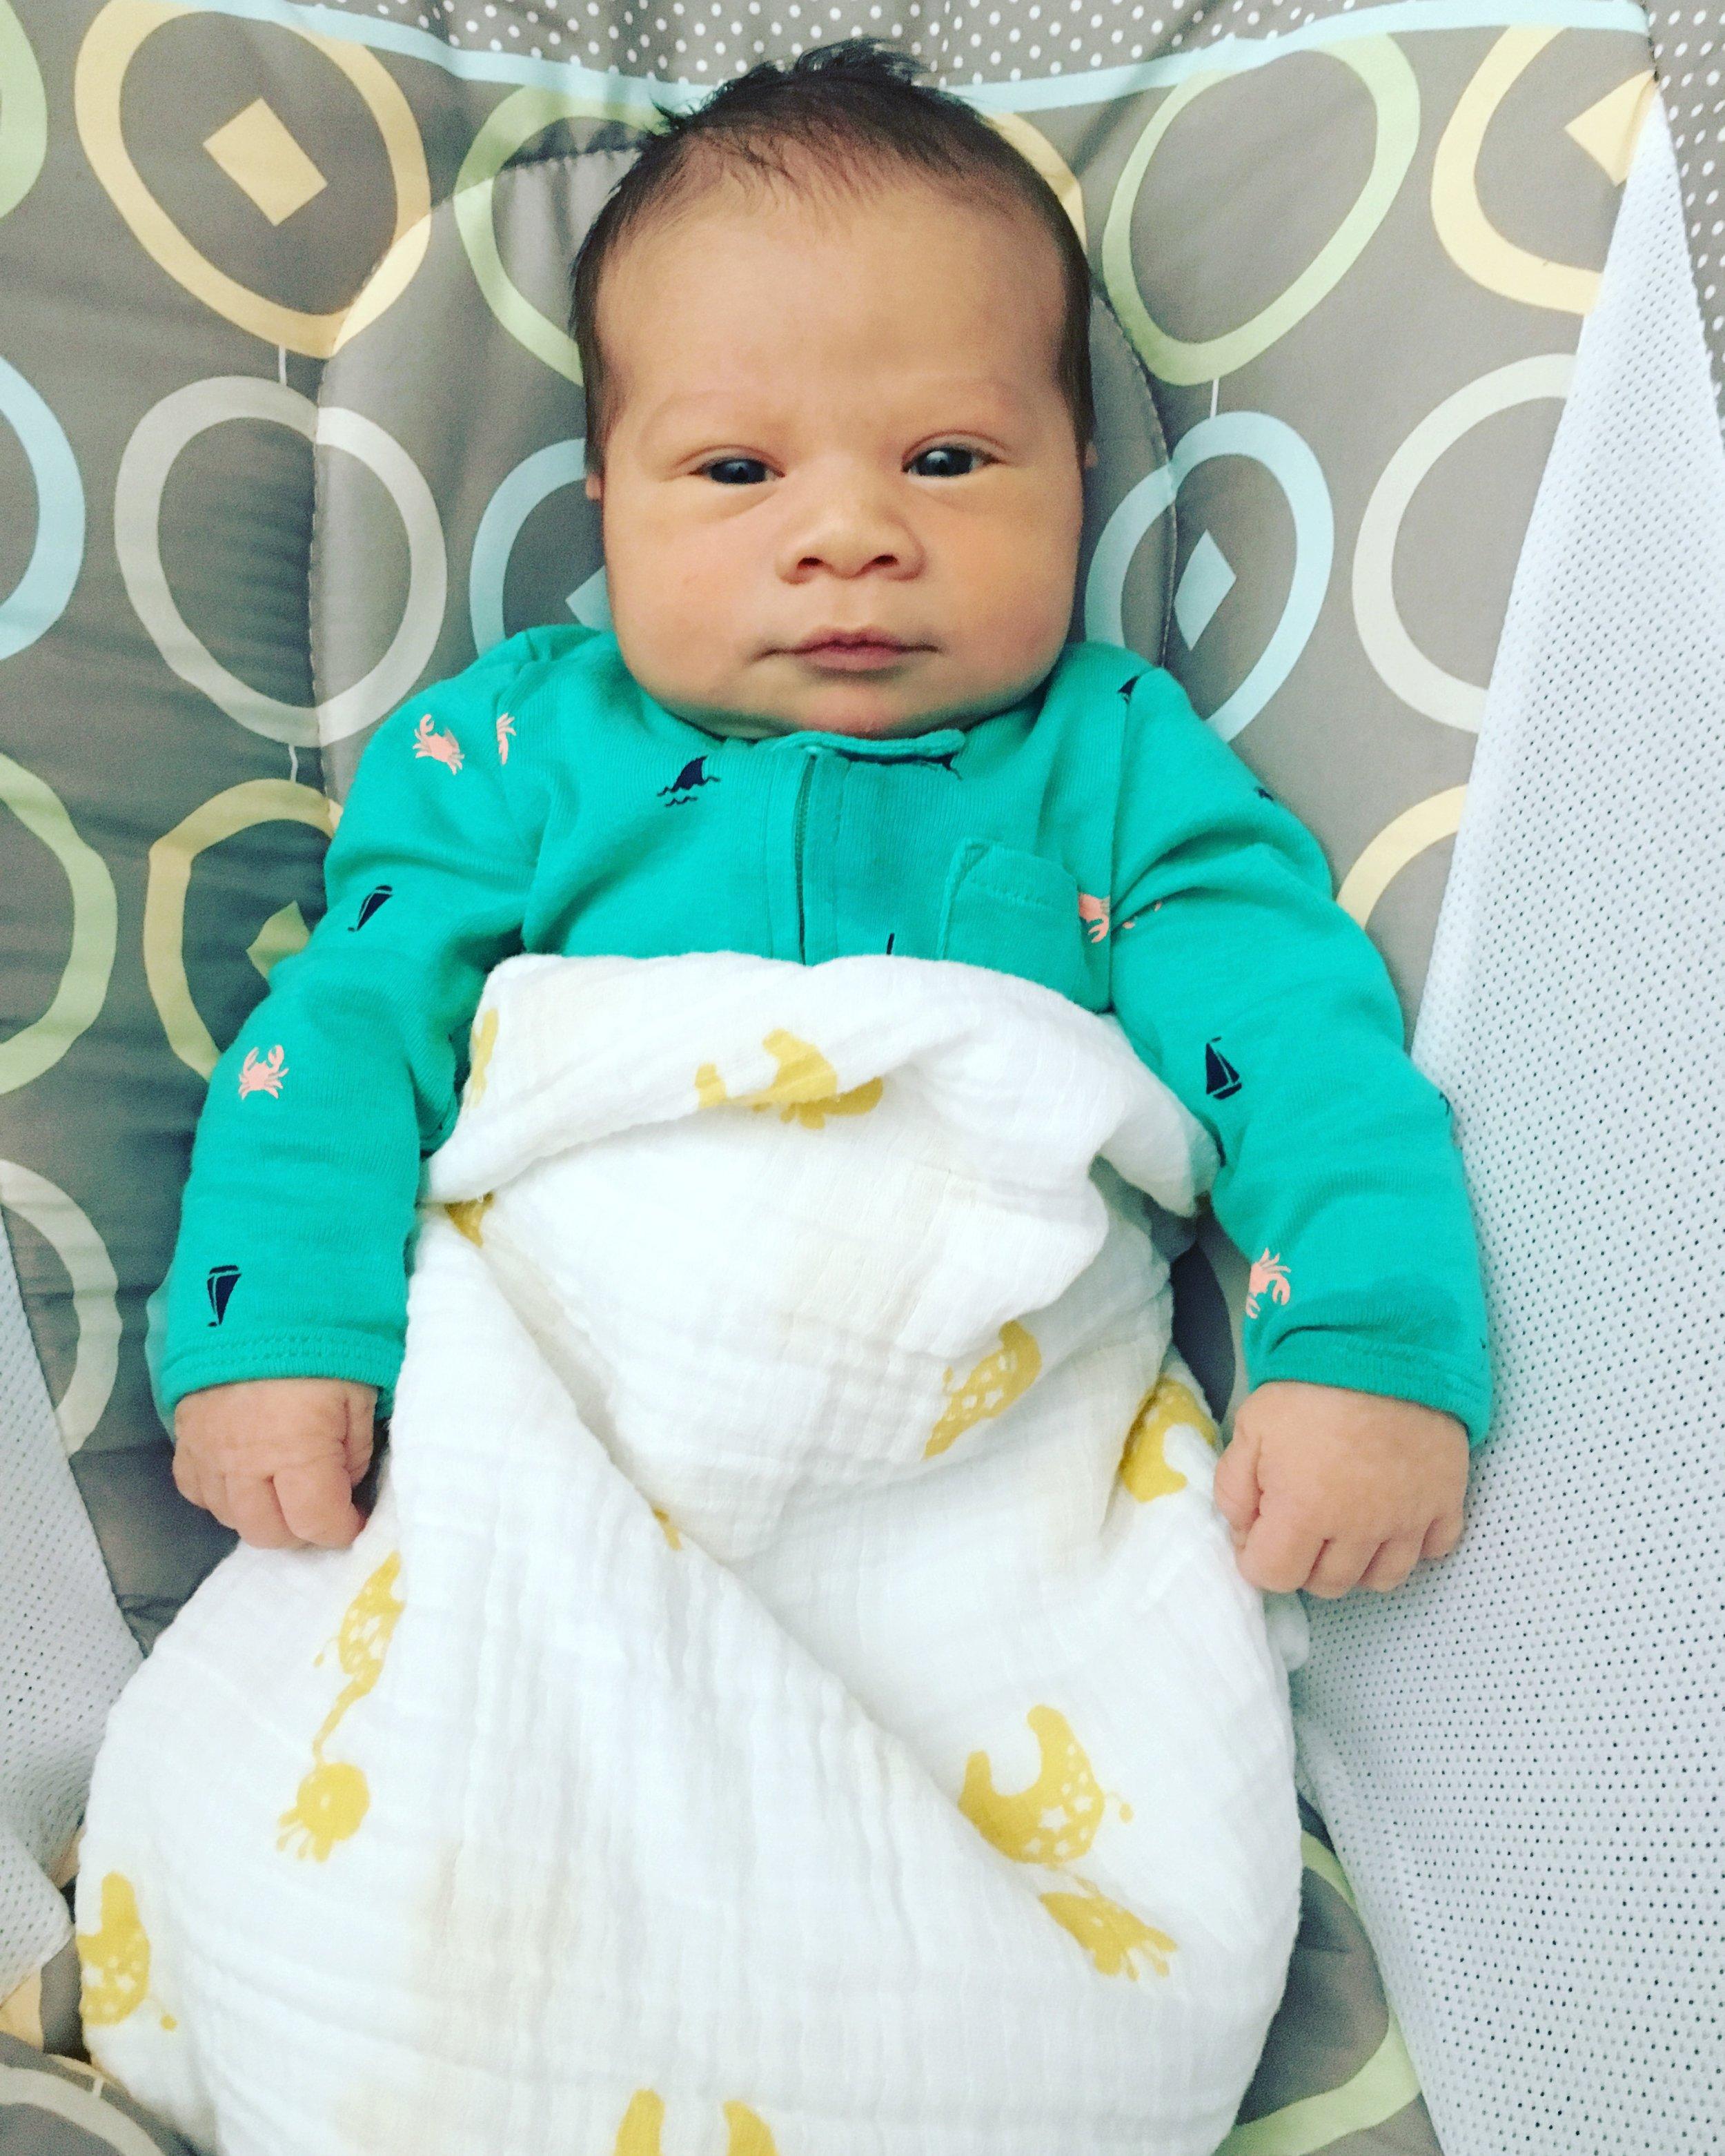 my nephew kieran martinez